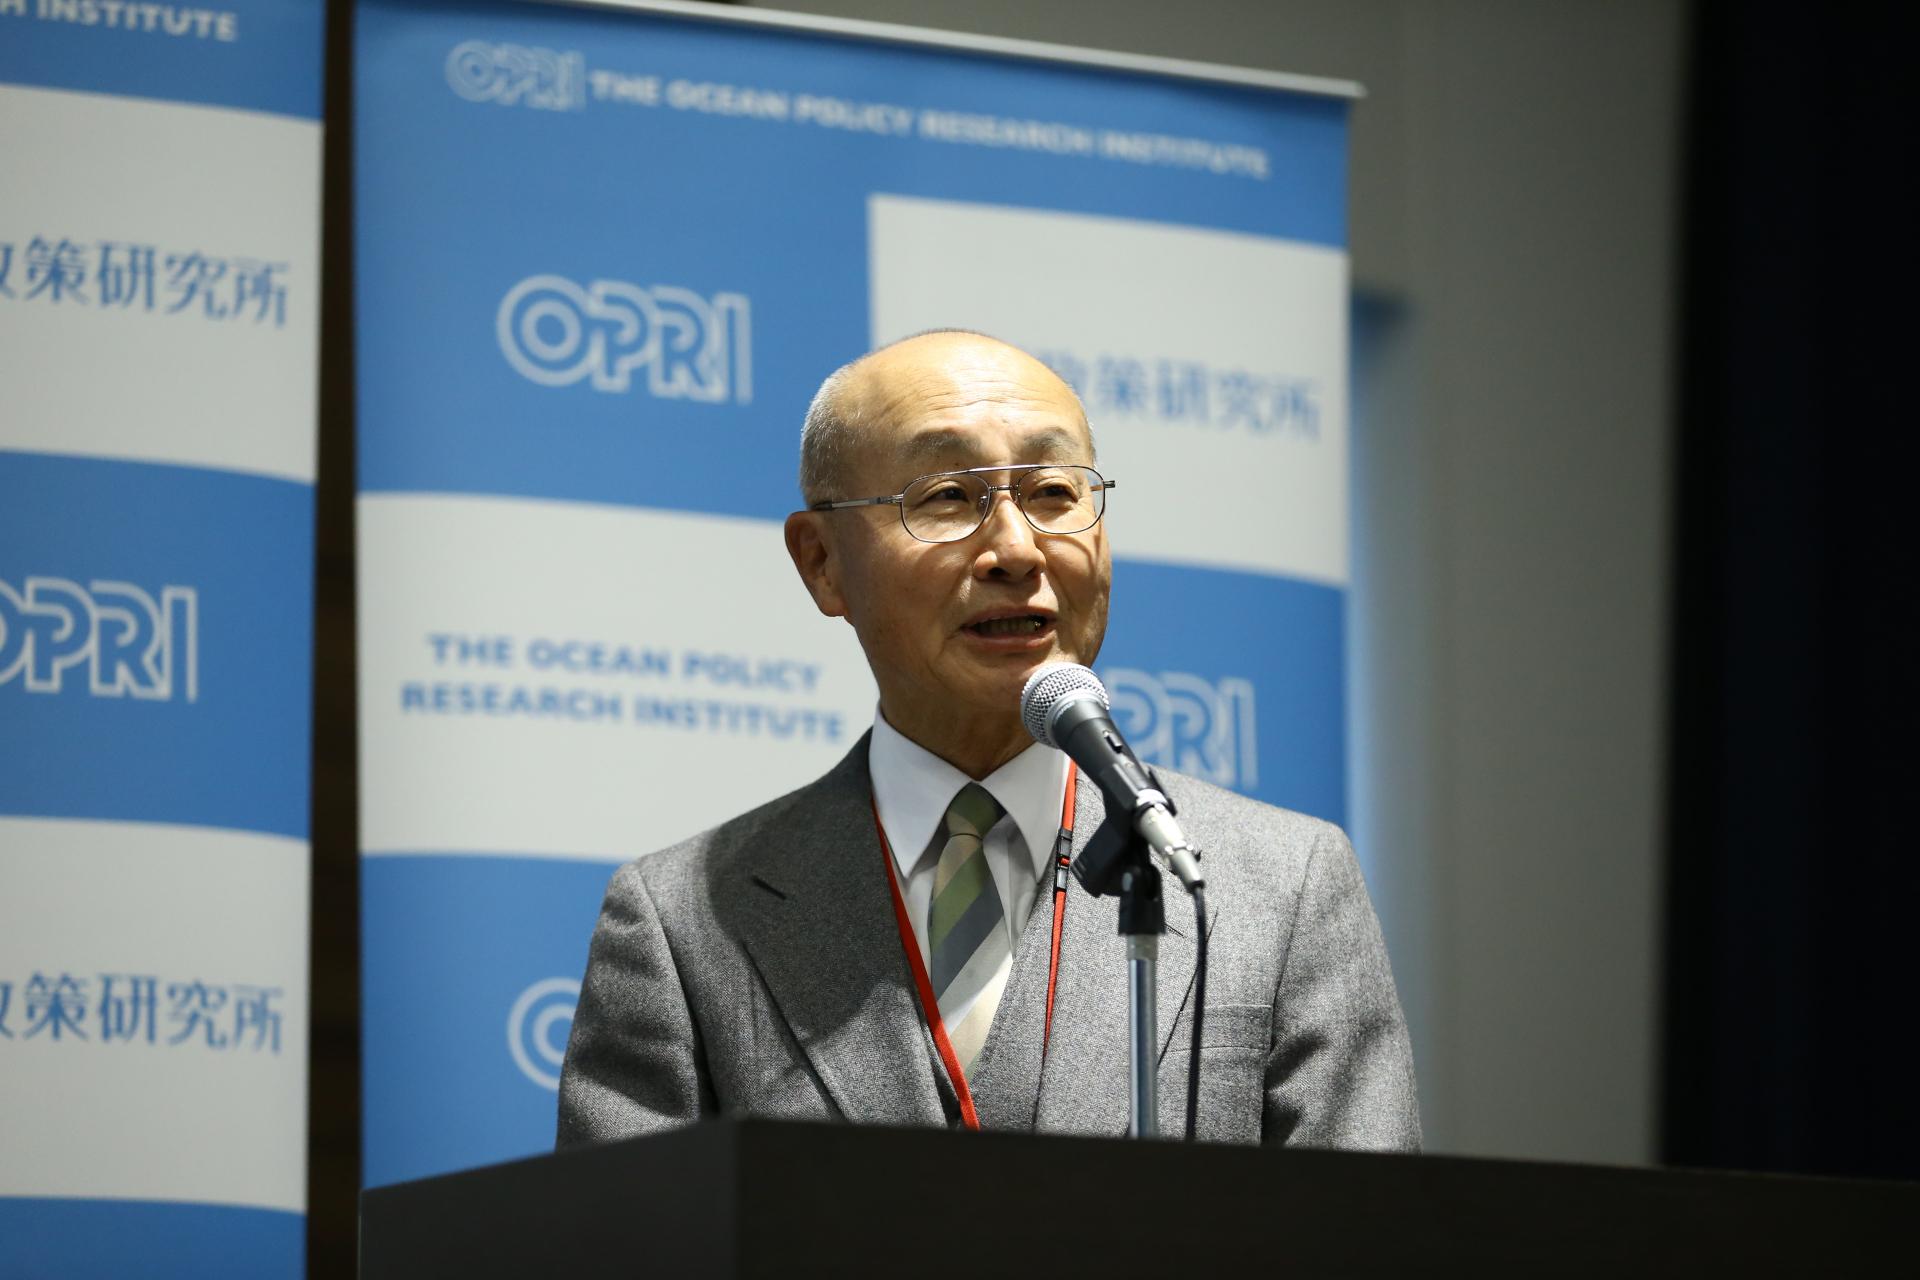 (画像)風呂田利夫・東邦大学名誉教授